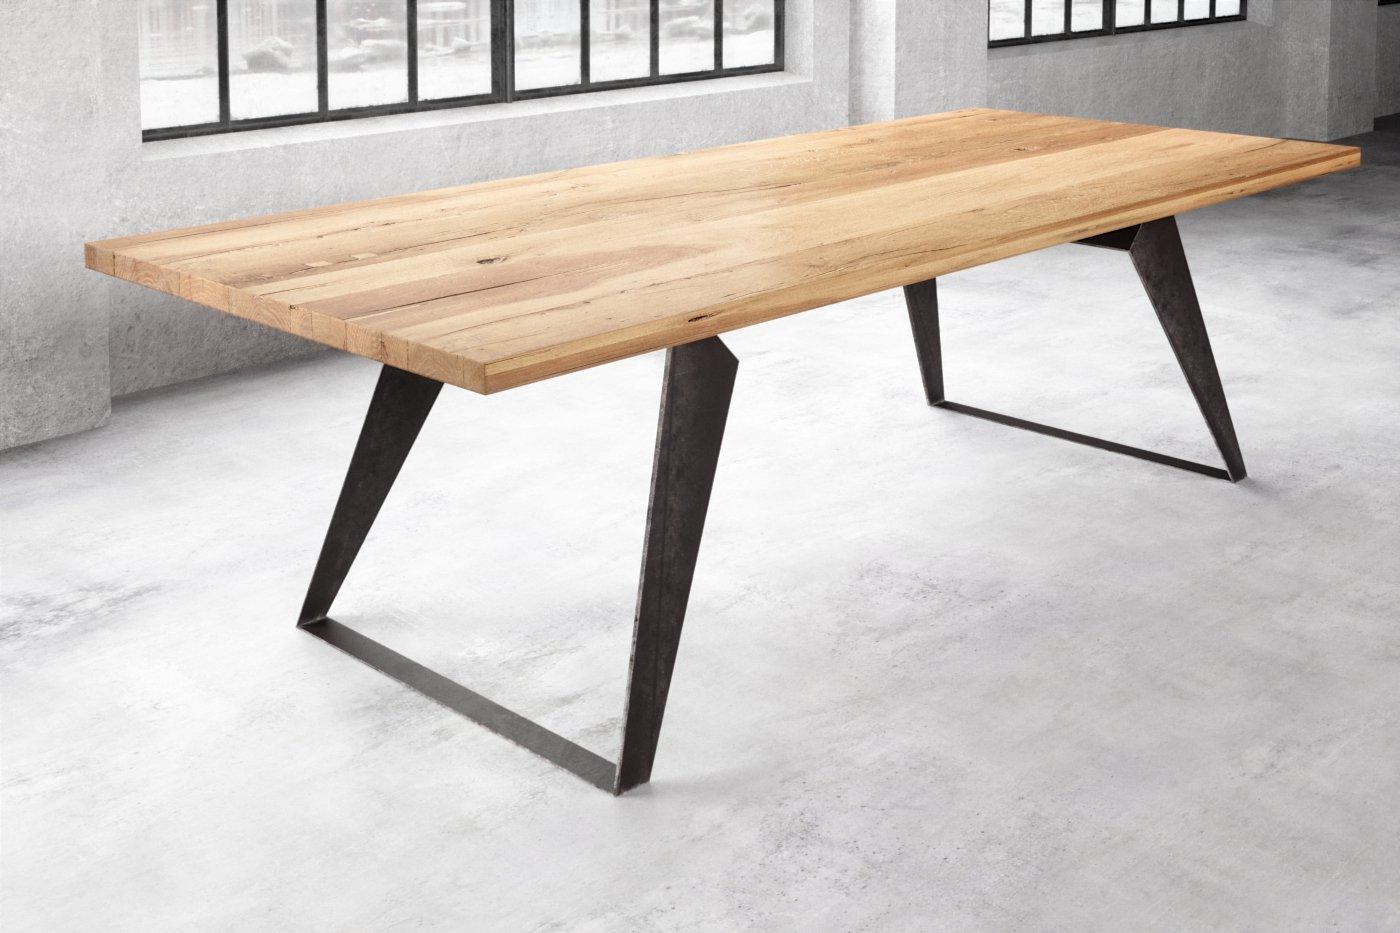 Full Size of Esstisch Rewi Eiche Altholz Nach Ma Esstische Massiv Massivholz Runde Rund Designer Ausziehbar Moderne Design Holz Kleine Esstische Esstische